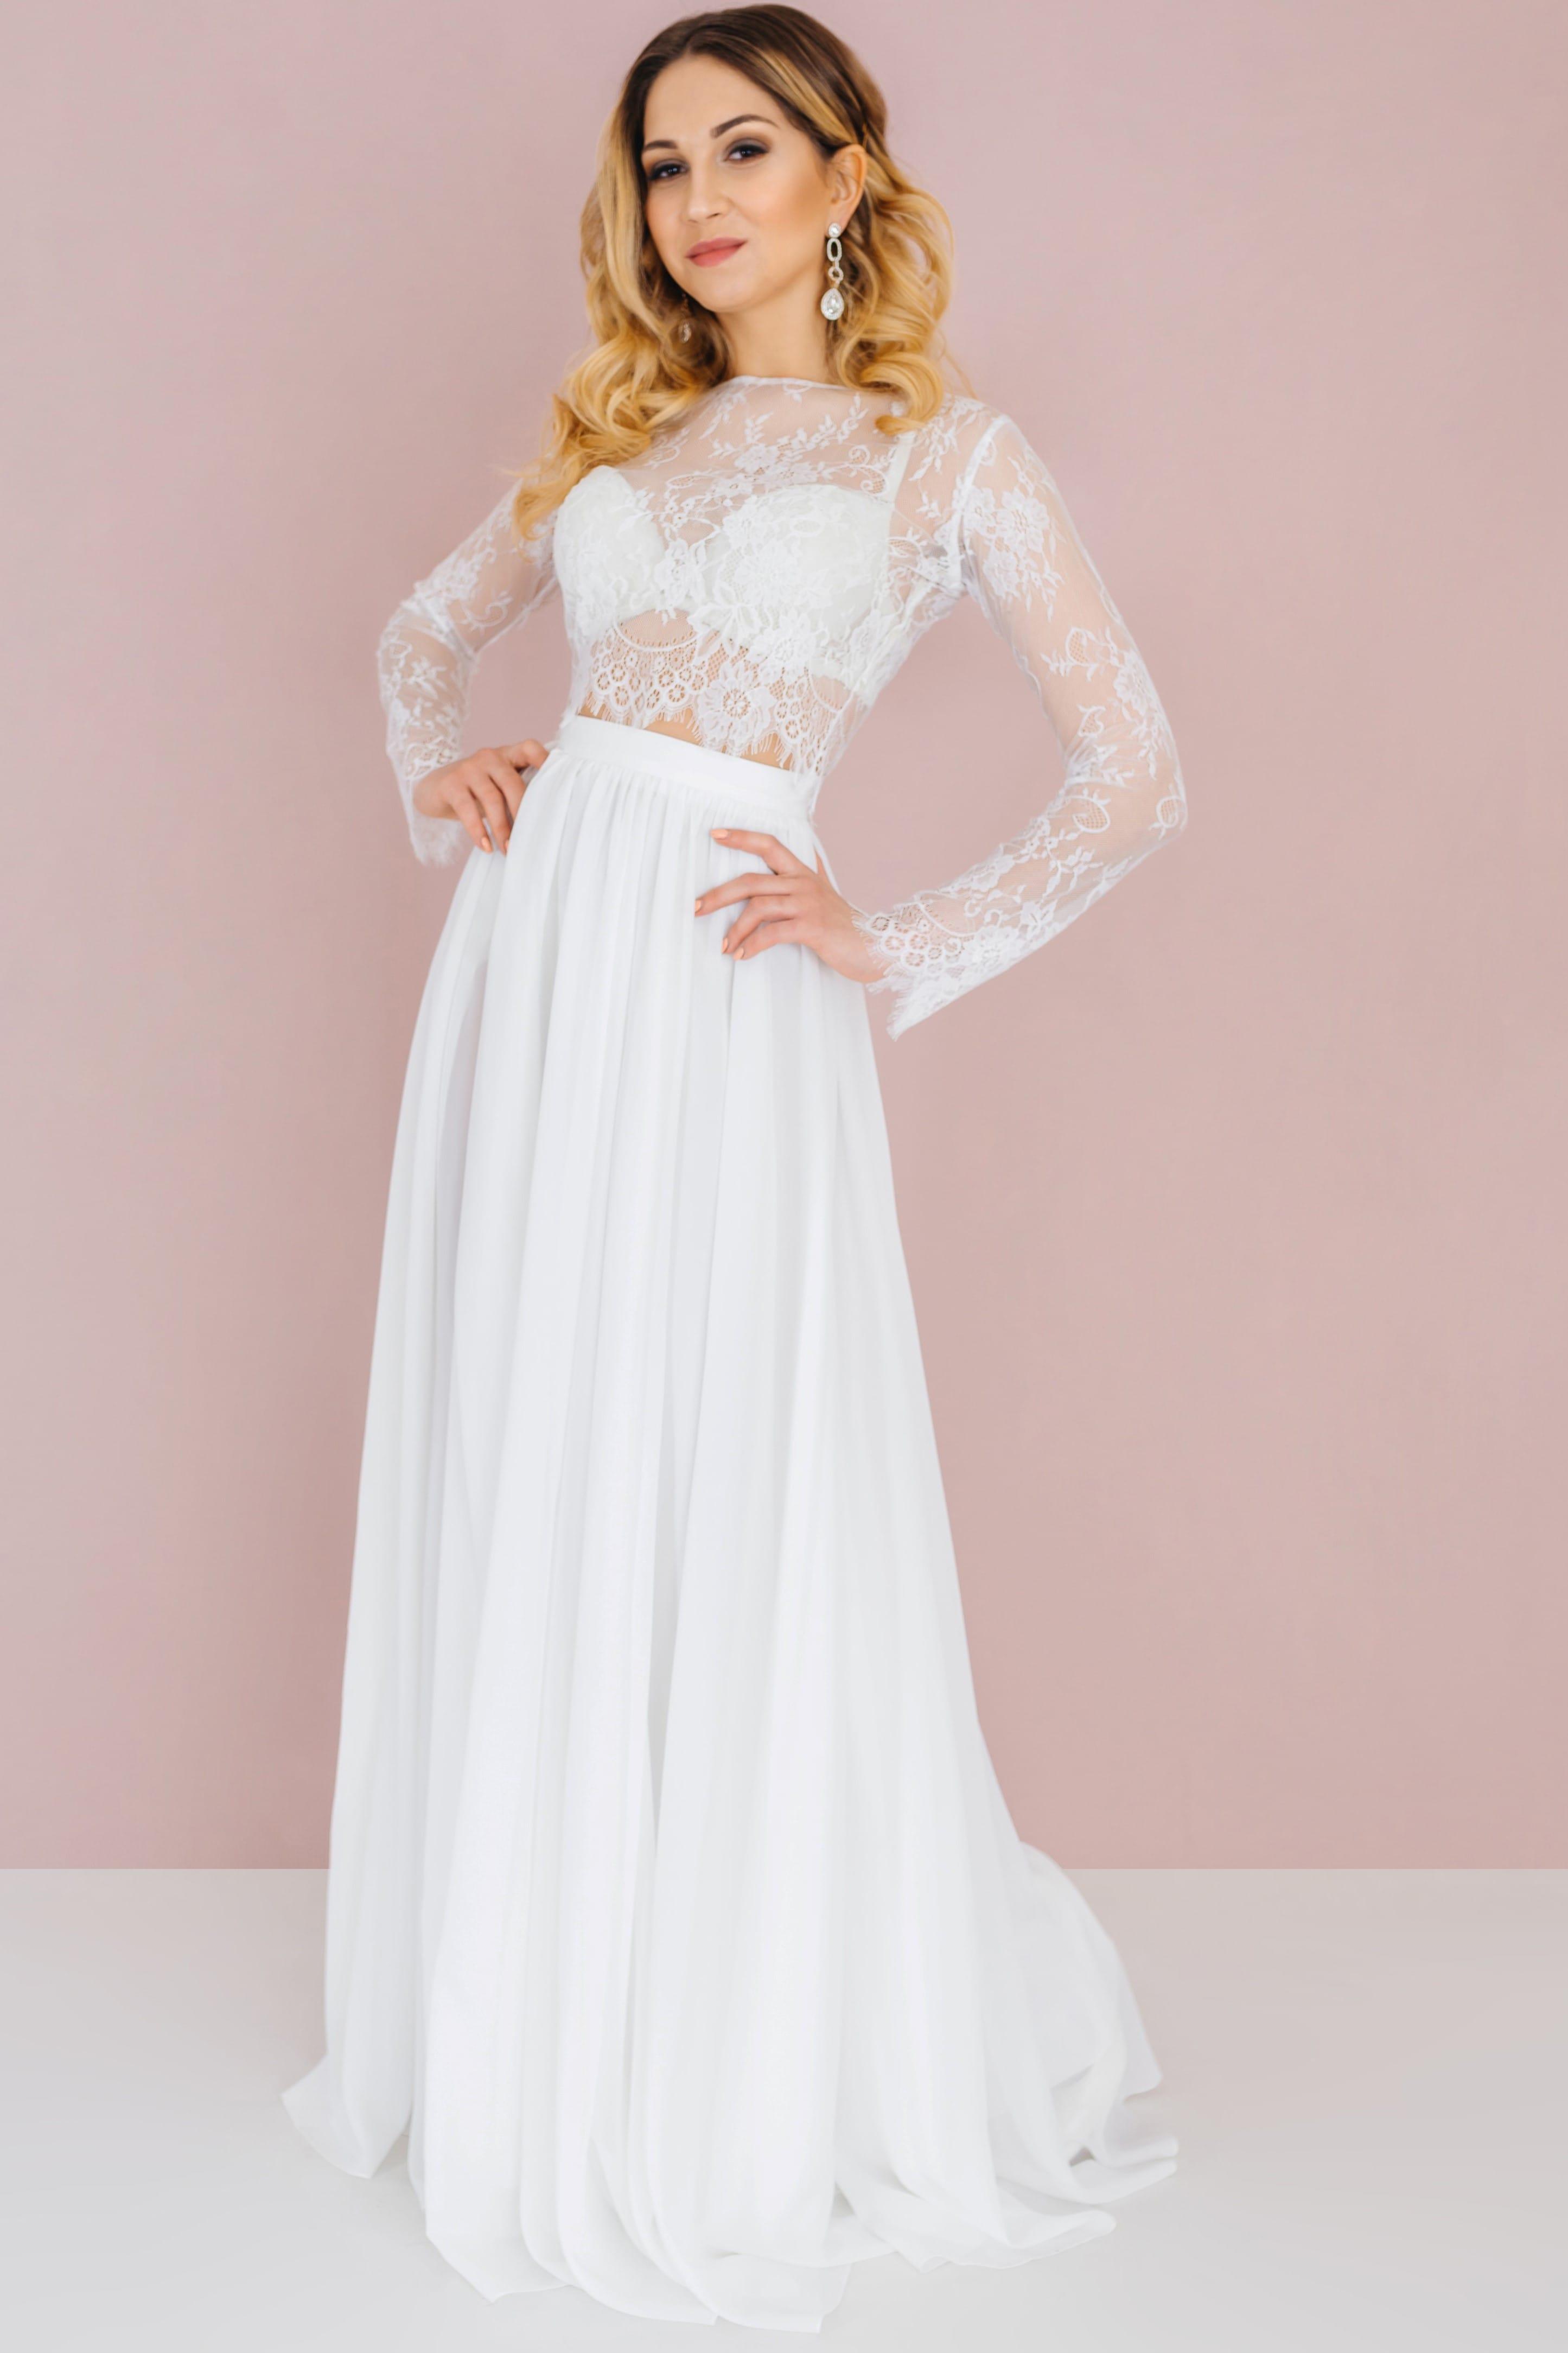 Свадебное платье SALLI, коллекция LOFT, бренд RARE BRIDAL, фото 1